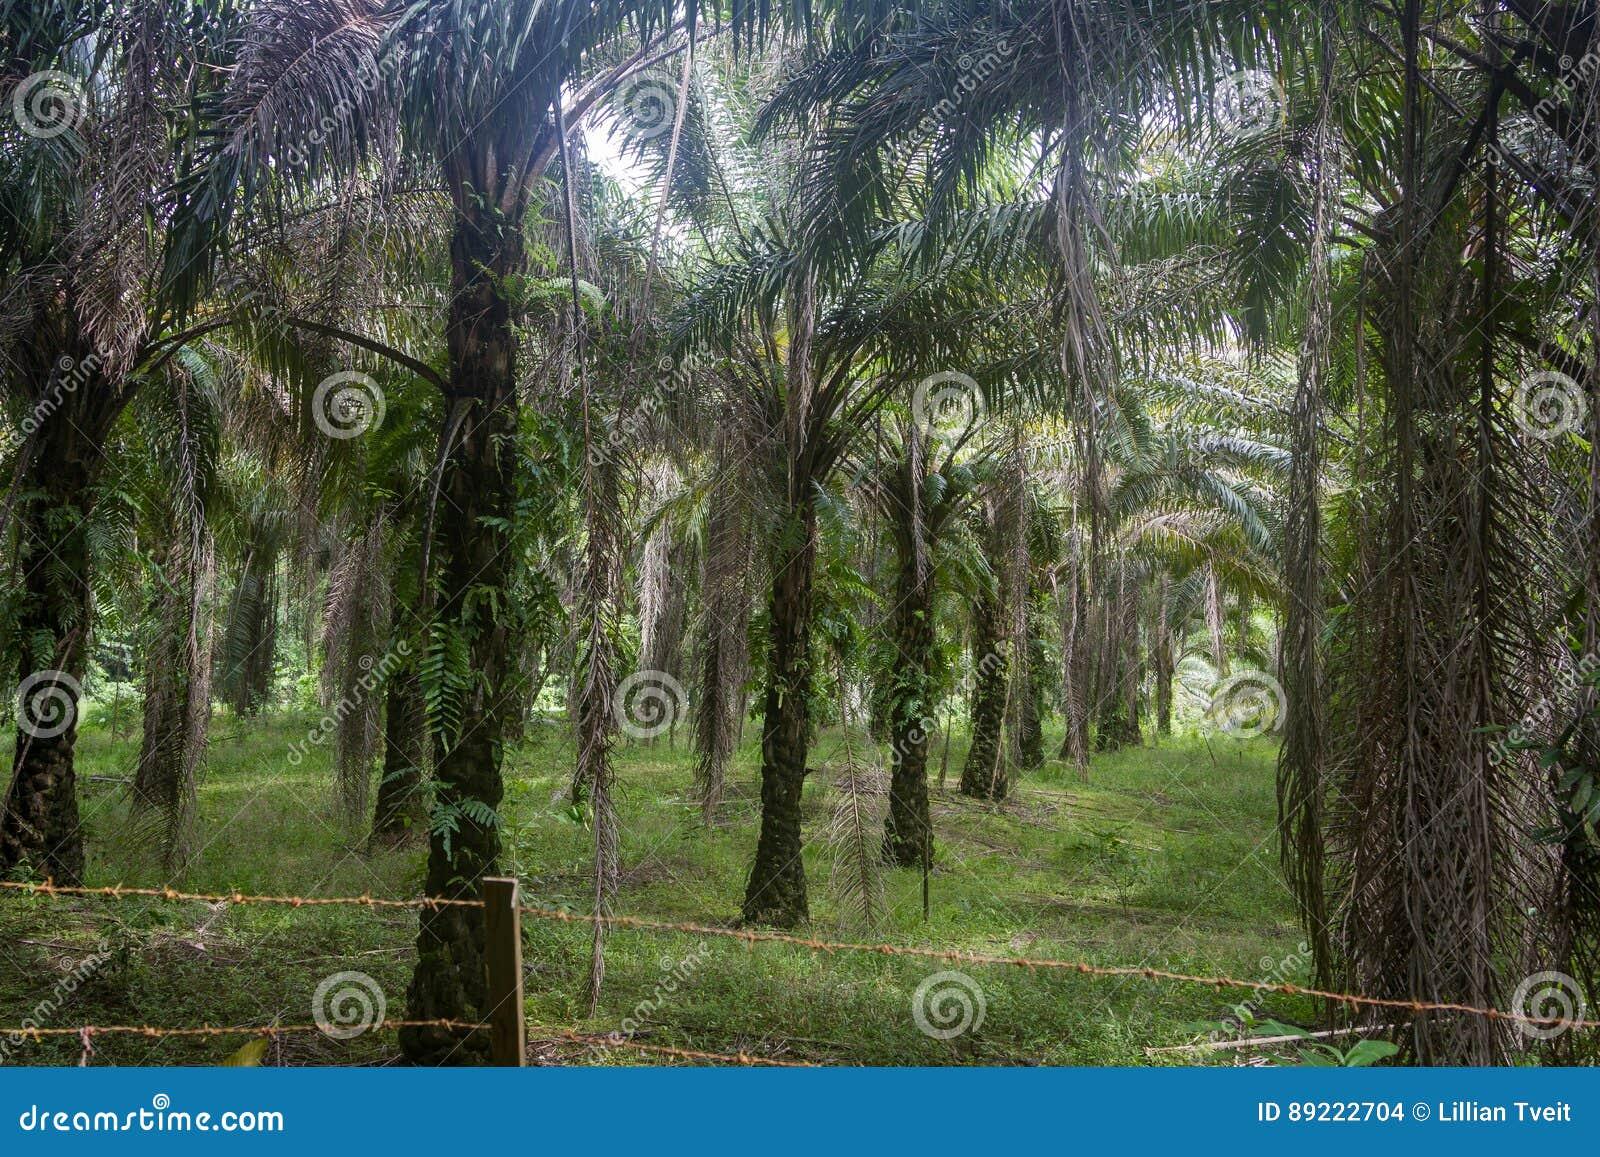 Φυτεία φοινίκων όπου υπήρξε μιά φορά τροπικό δάσος Kuching, Μπόρνεο στη Μαλαισία